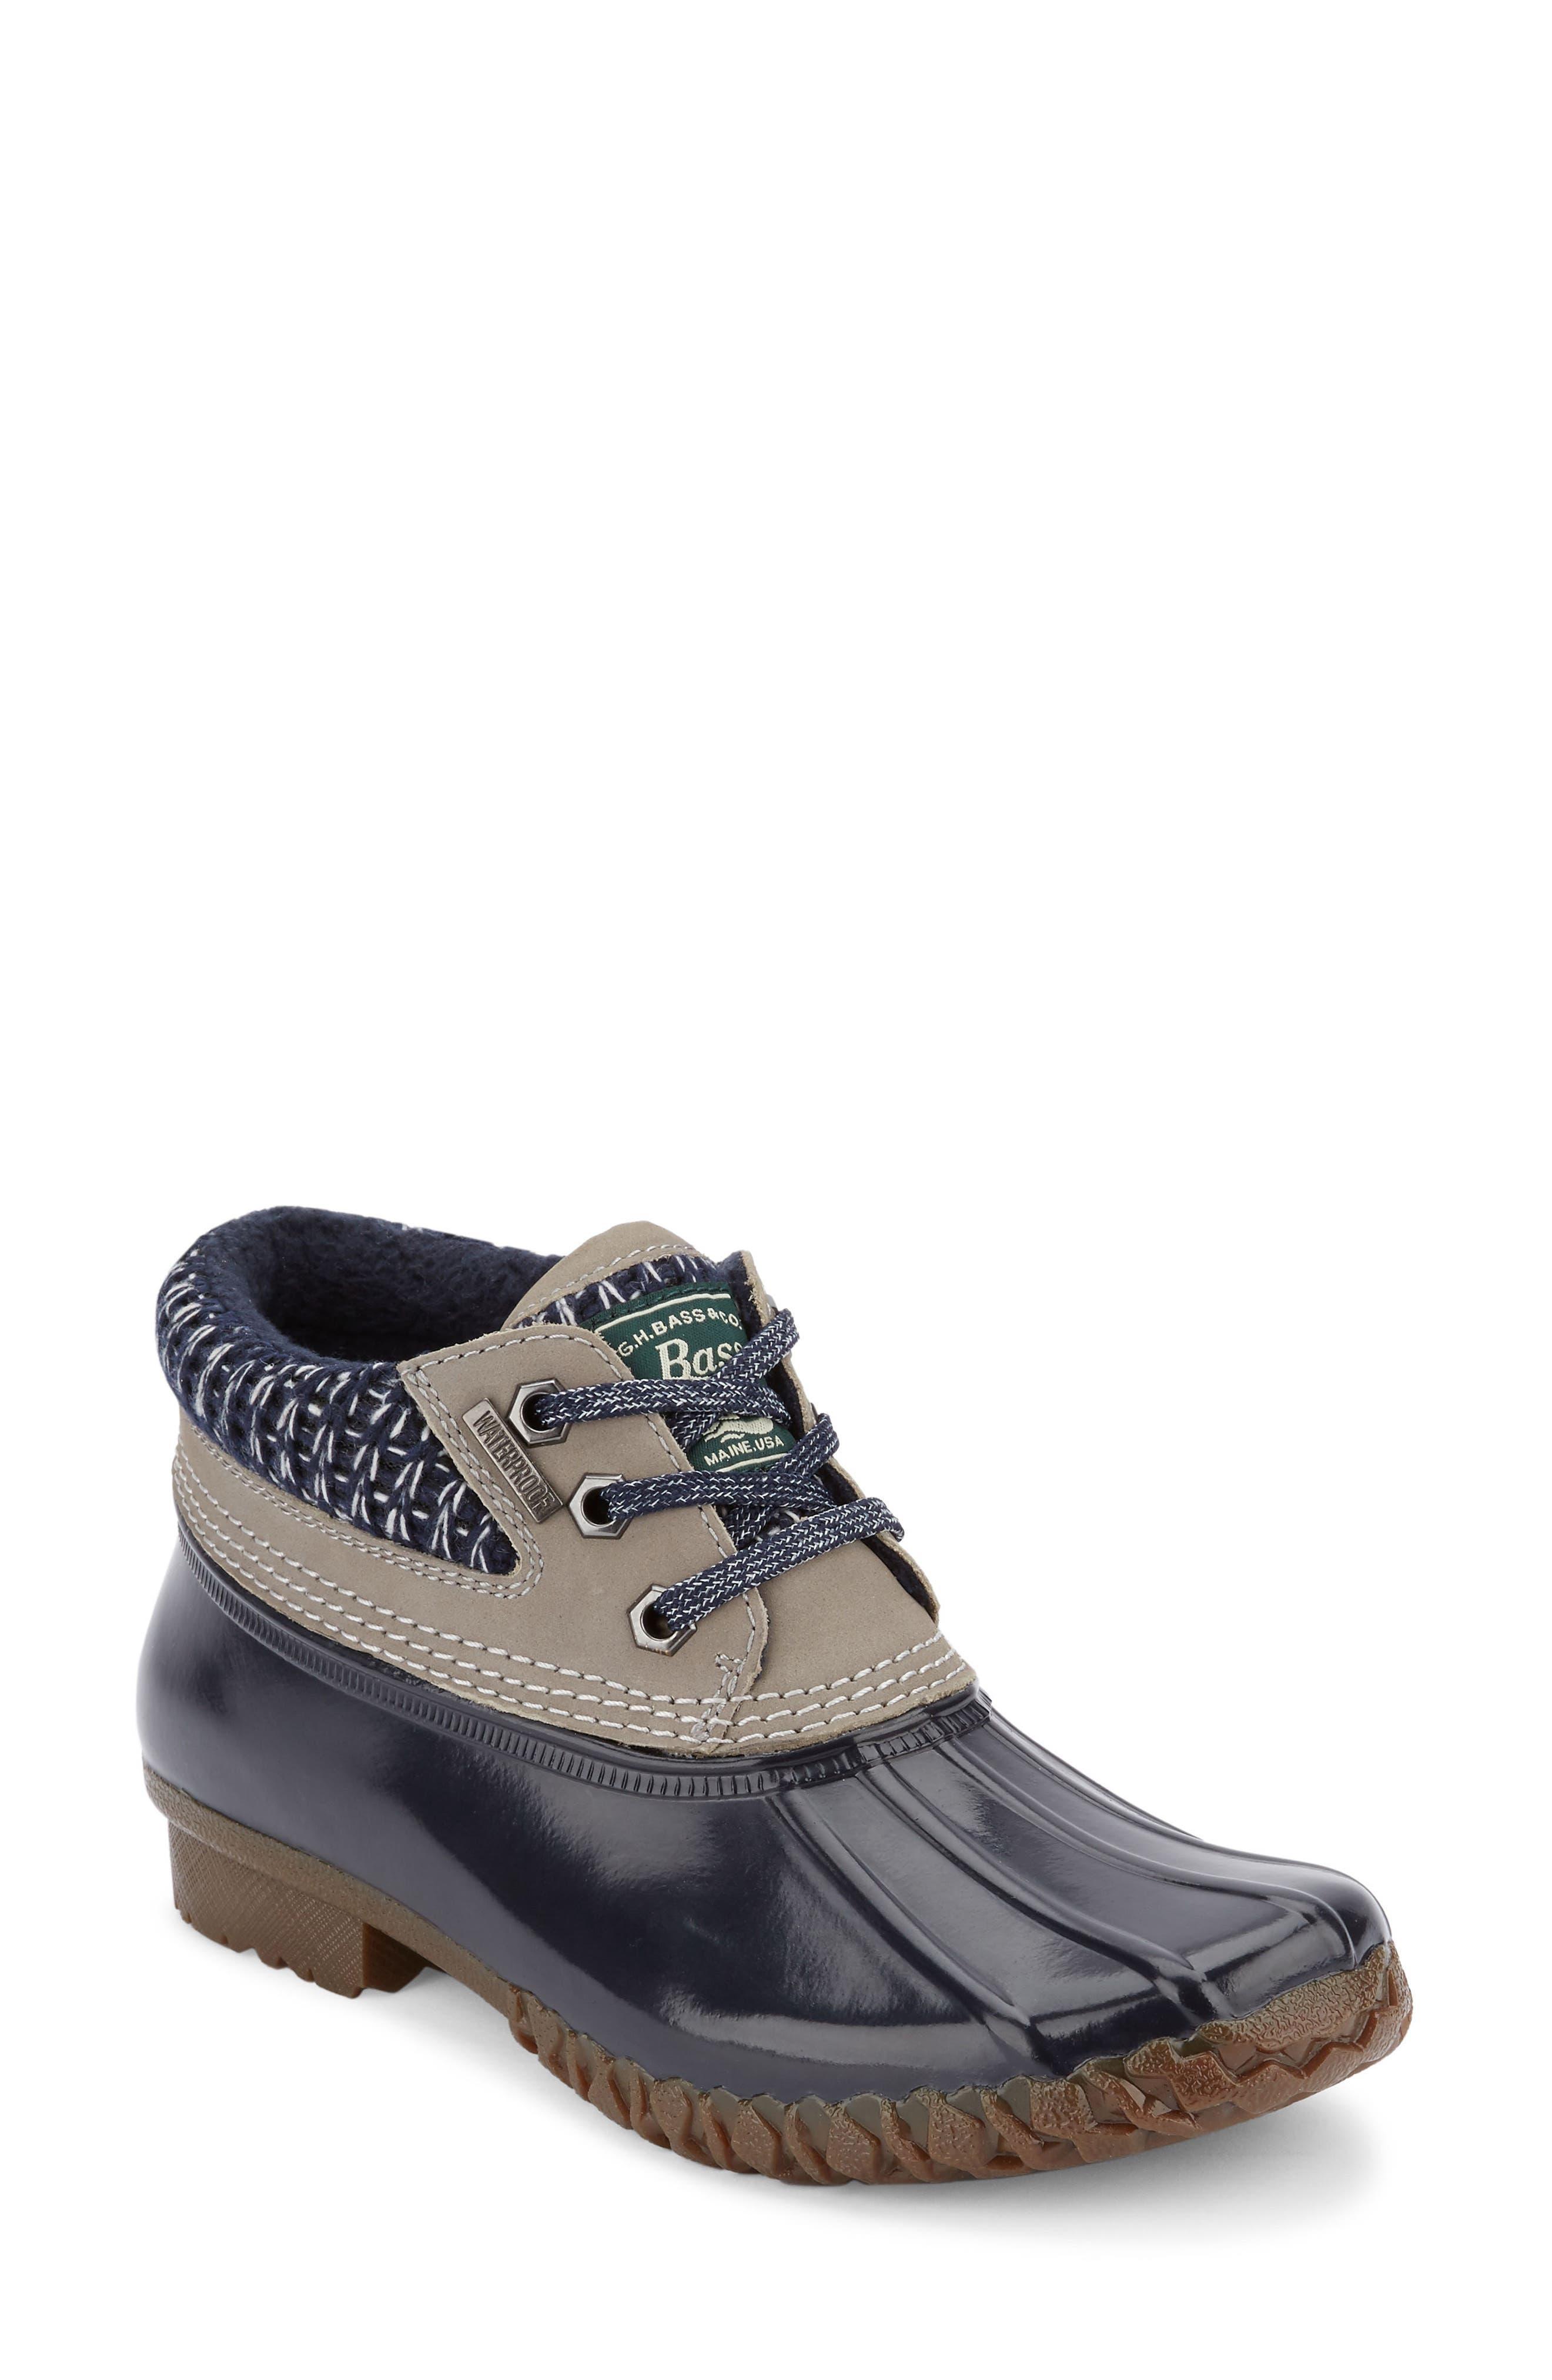 Dorothy Waterproof Duck Boot,                         Main,                         color, Grey/ Navy